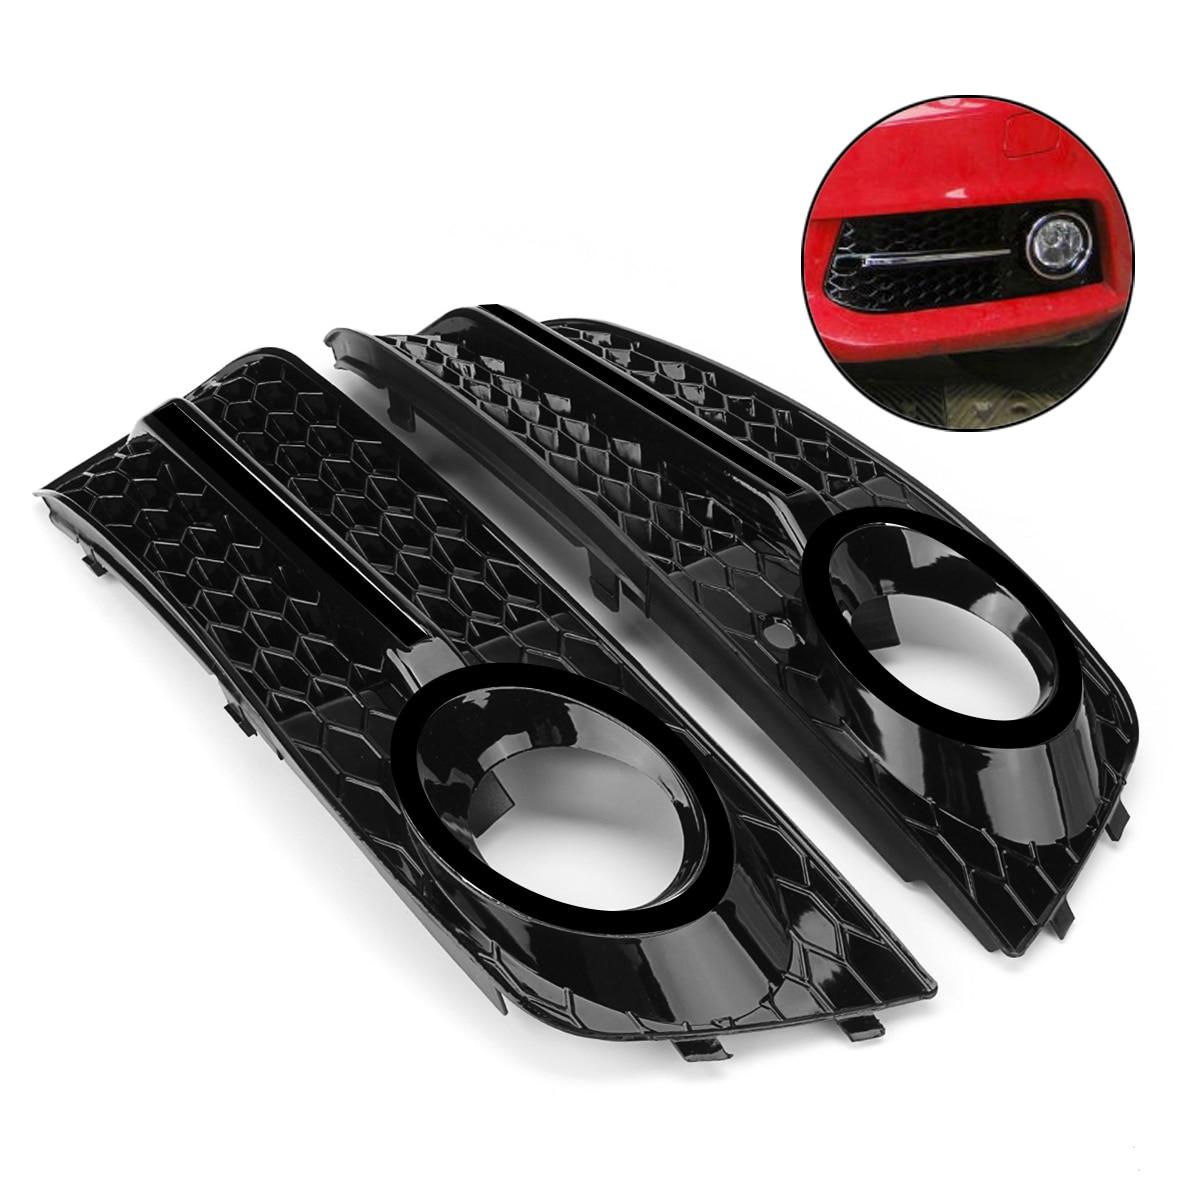 1 par de parrillas de luz antiniebla delantera para automóvil A4 B8 para Audi A4 B8 2009-2011 parrillas de parachoques delantero de coche en parrillas de carreras